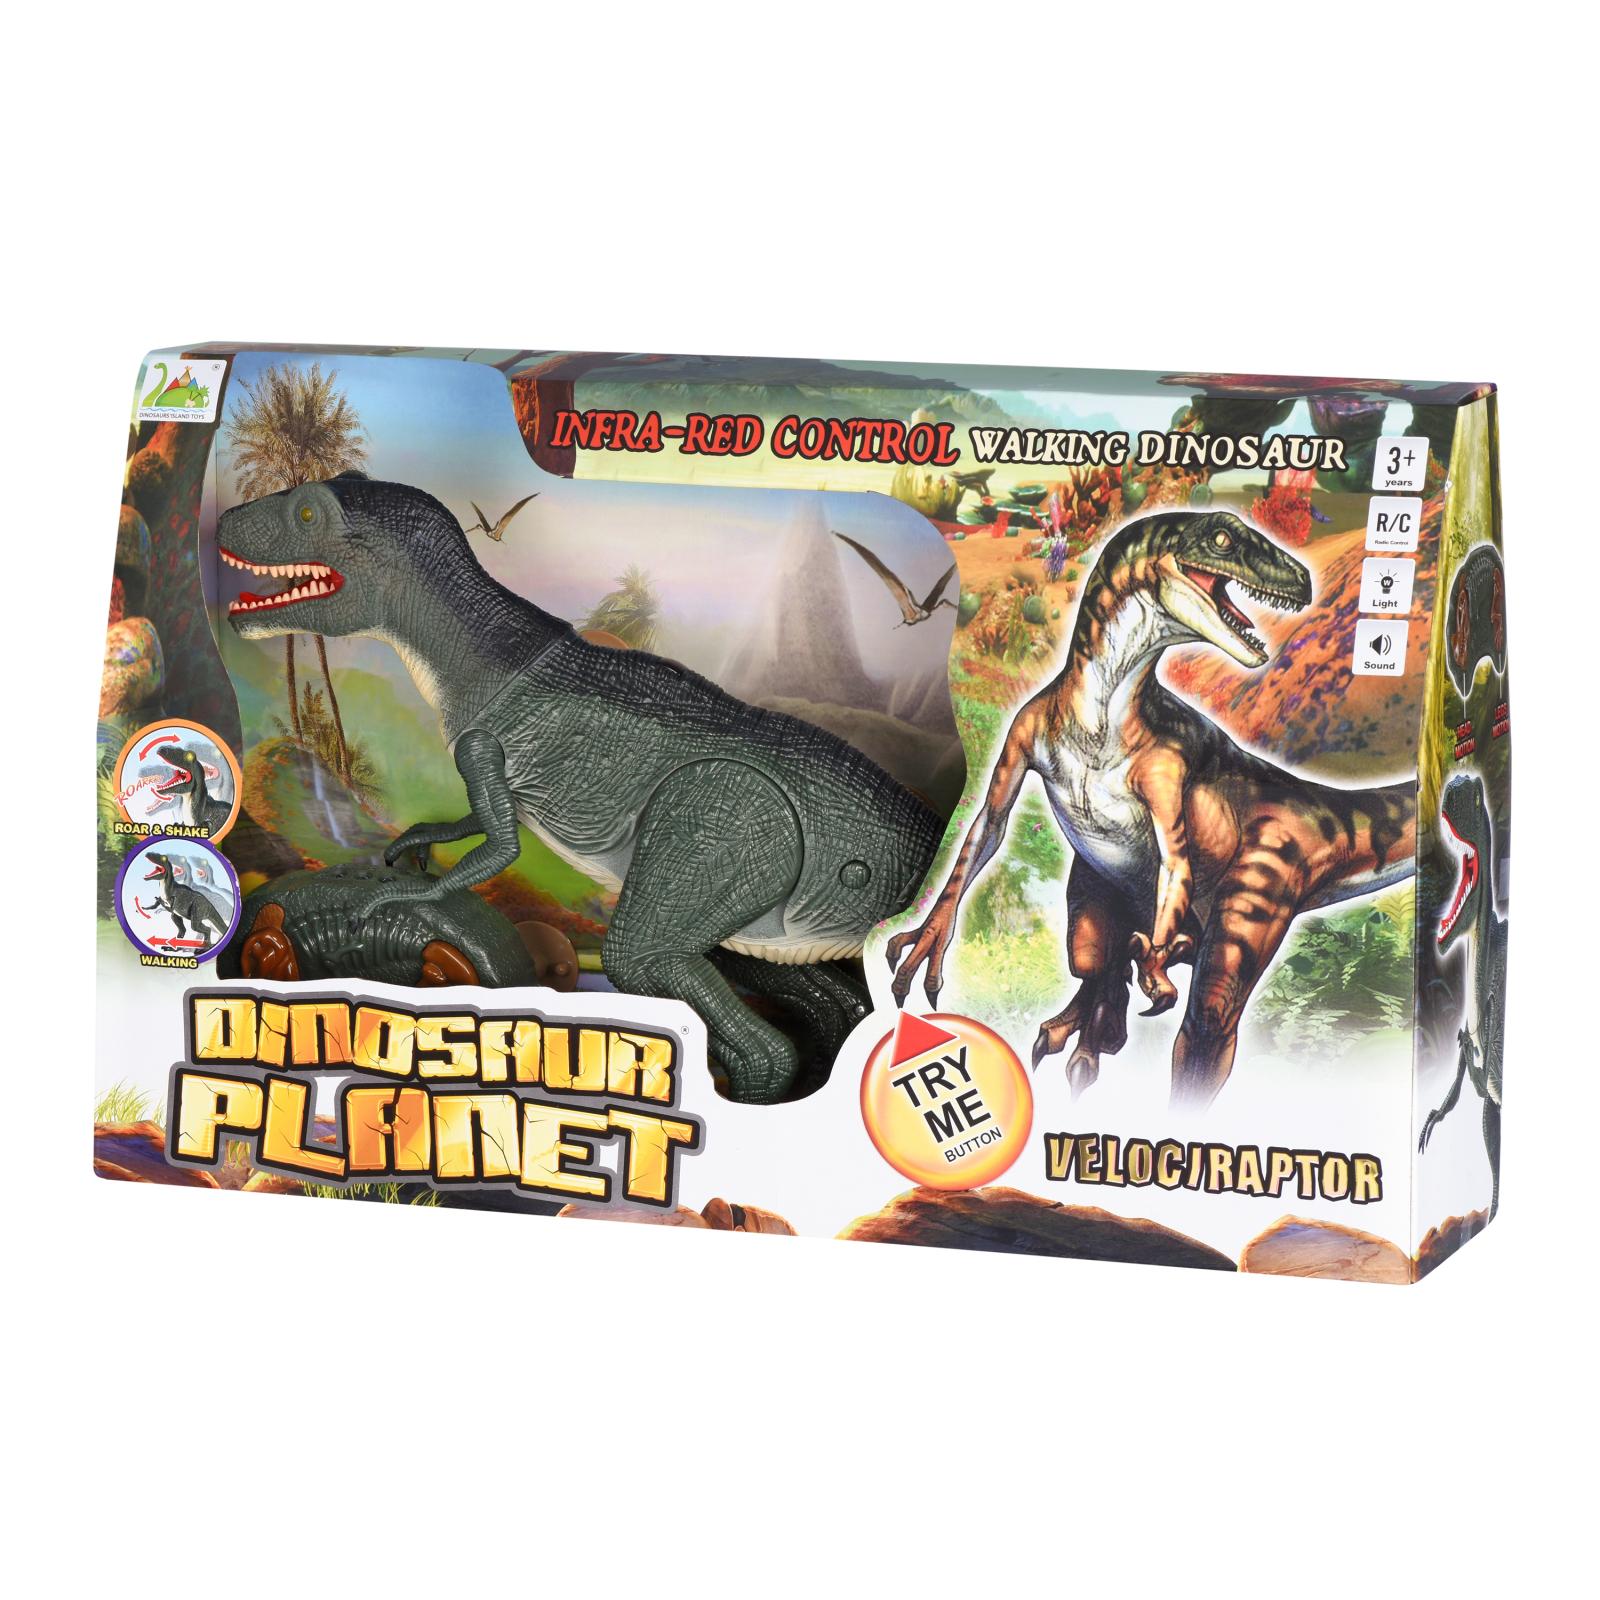 Интерактивная игрушка Same Toy Динозавр Dinosaur Planet серый со светом и звуком (RS6134Ut) изображение 11